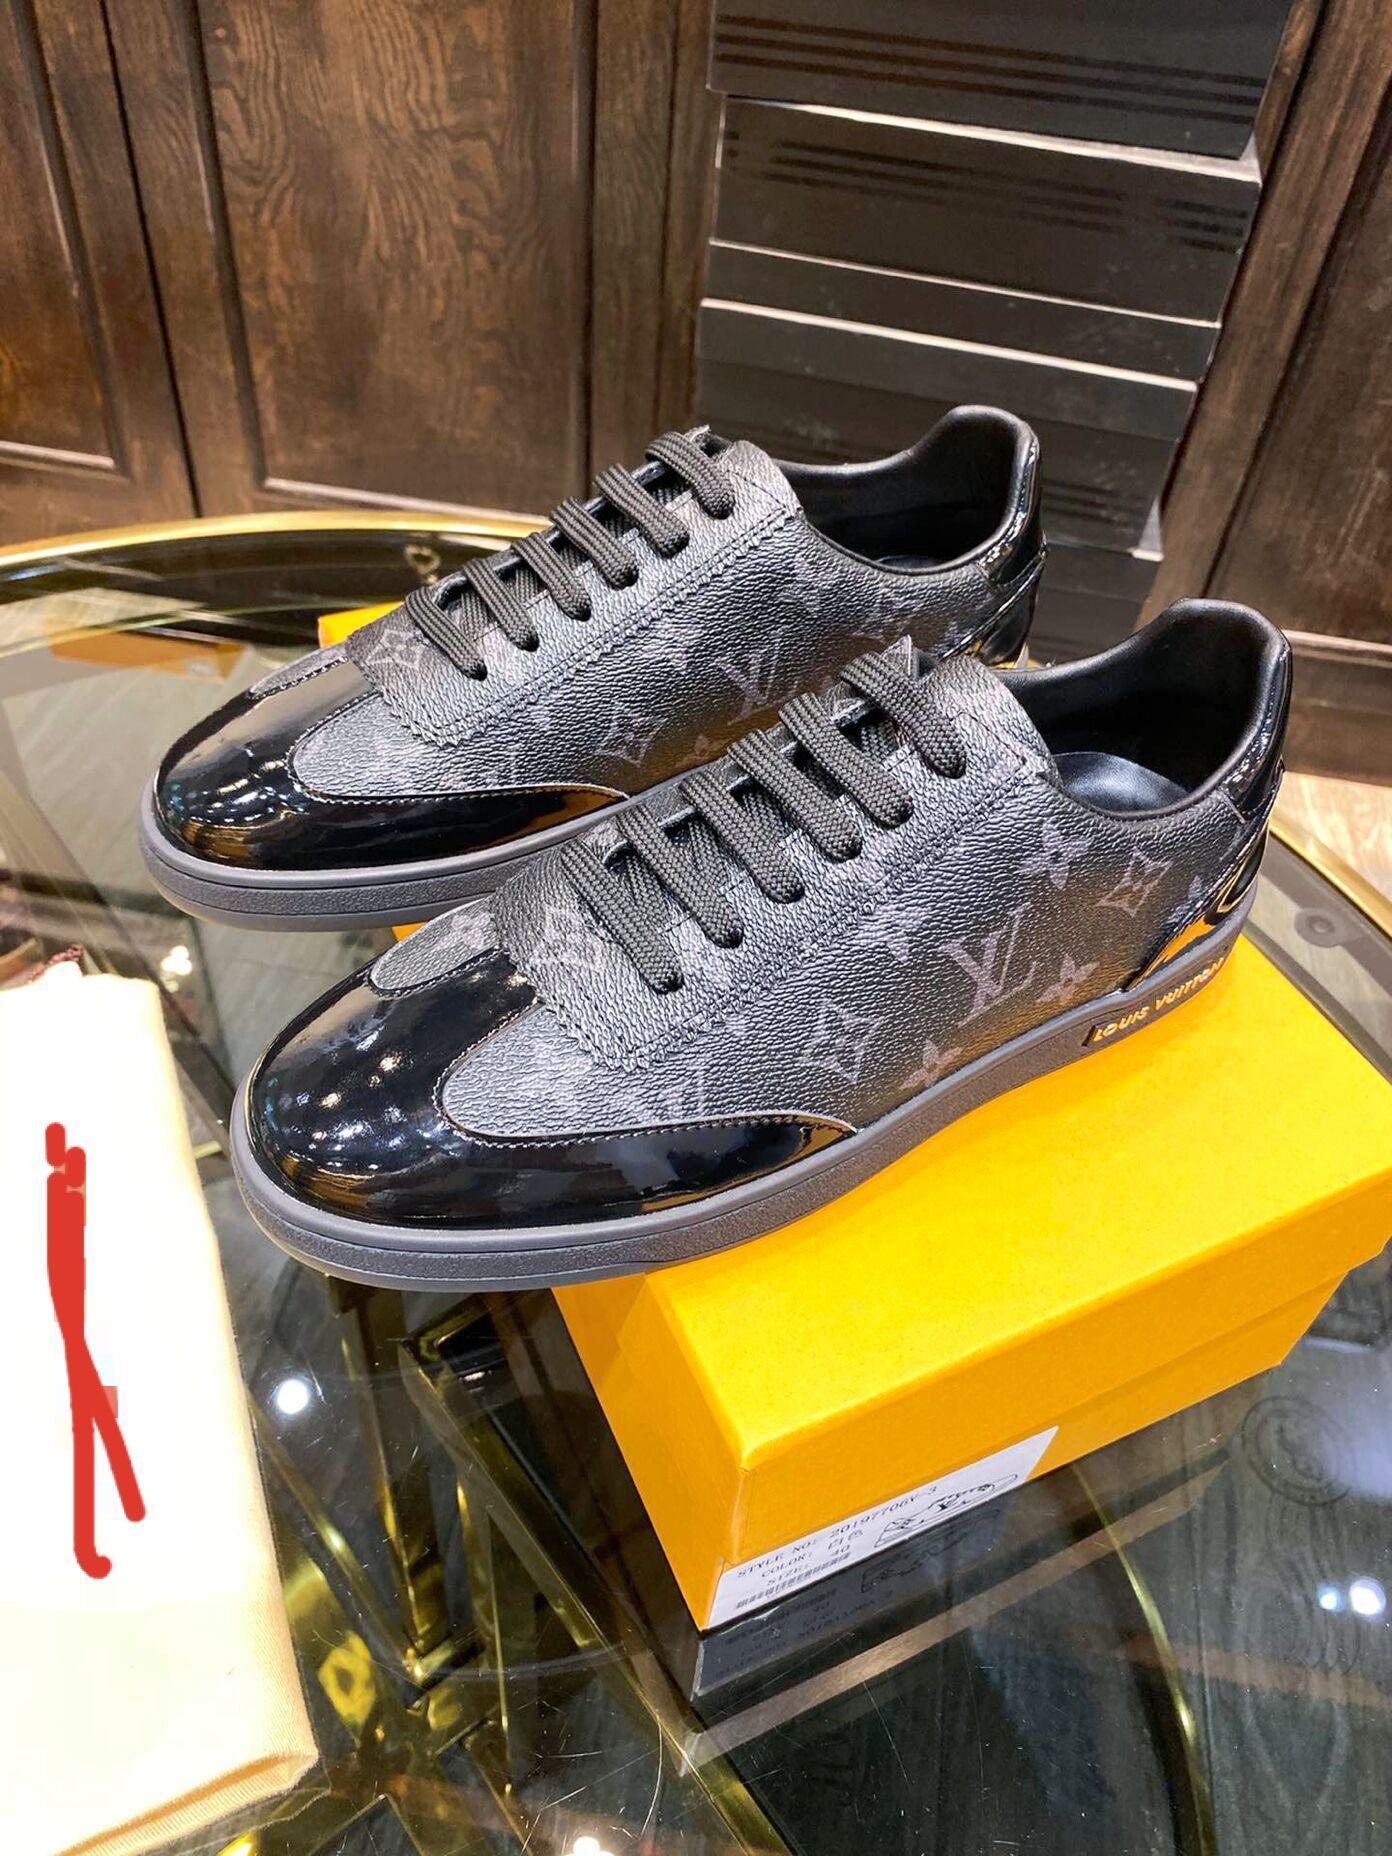 2020 Männer desinger Schuhe schnüren sie oben braun Buchstaben Mannschuhe hochwertigen Streetabschlussball Abend legerer Luxus Mens beiläufigen laufenden Schuh